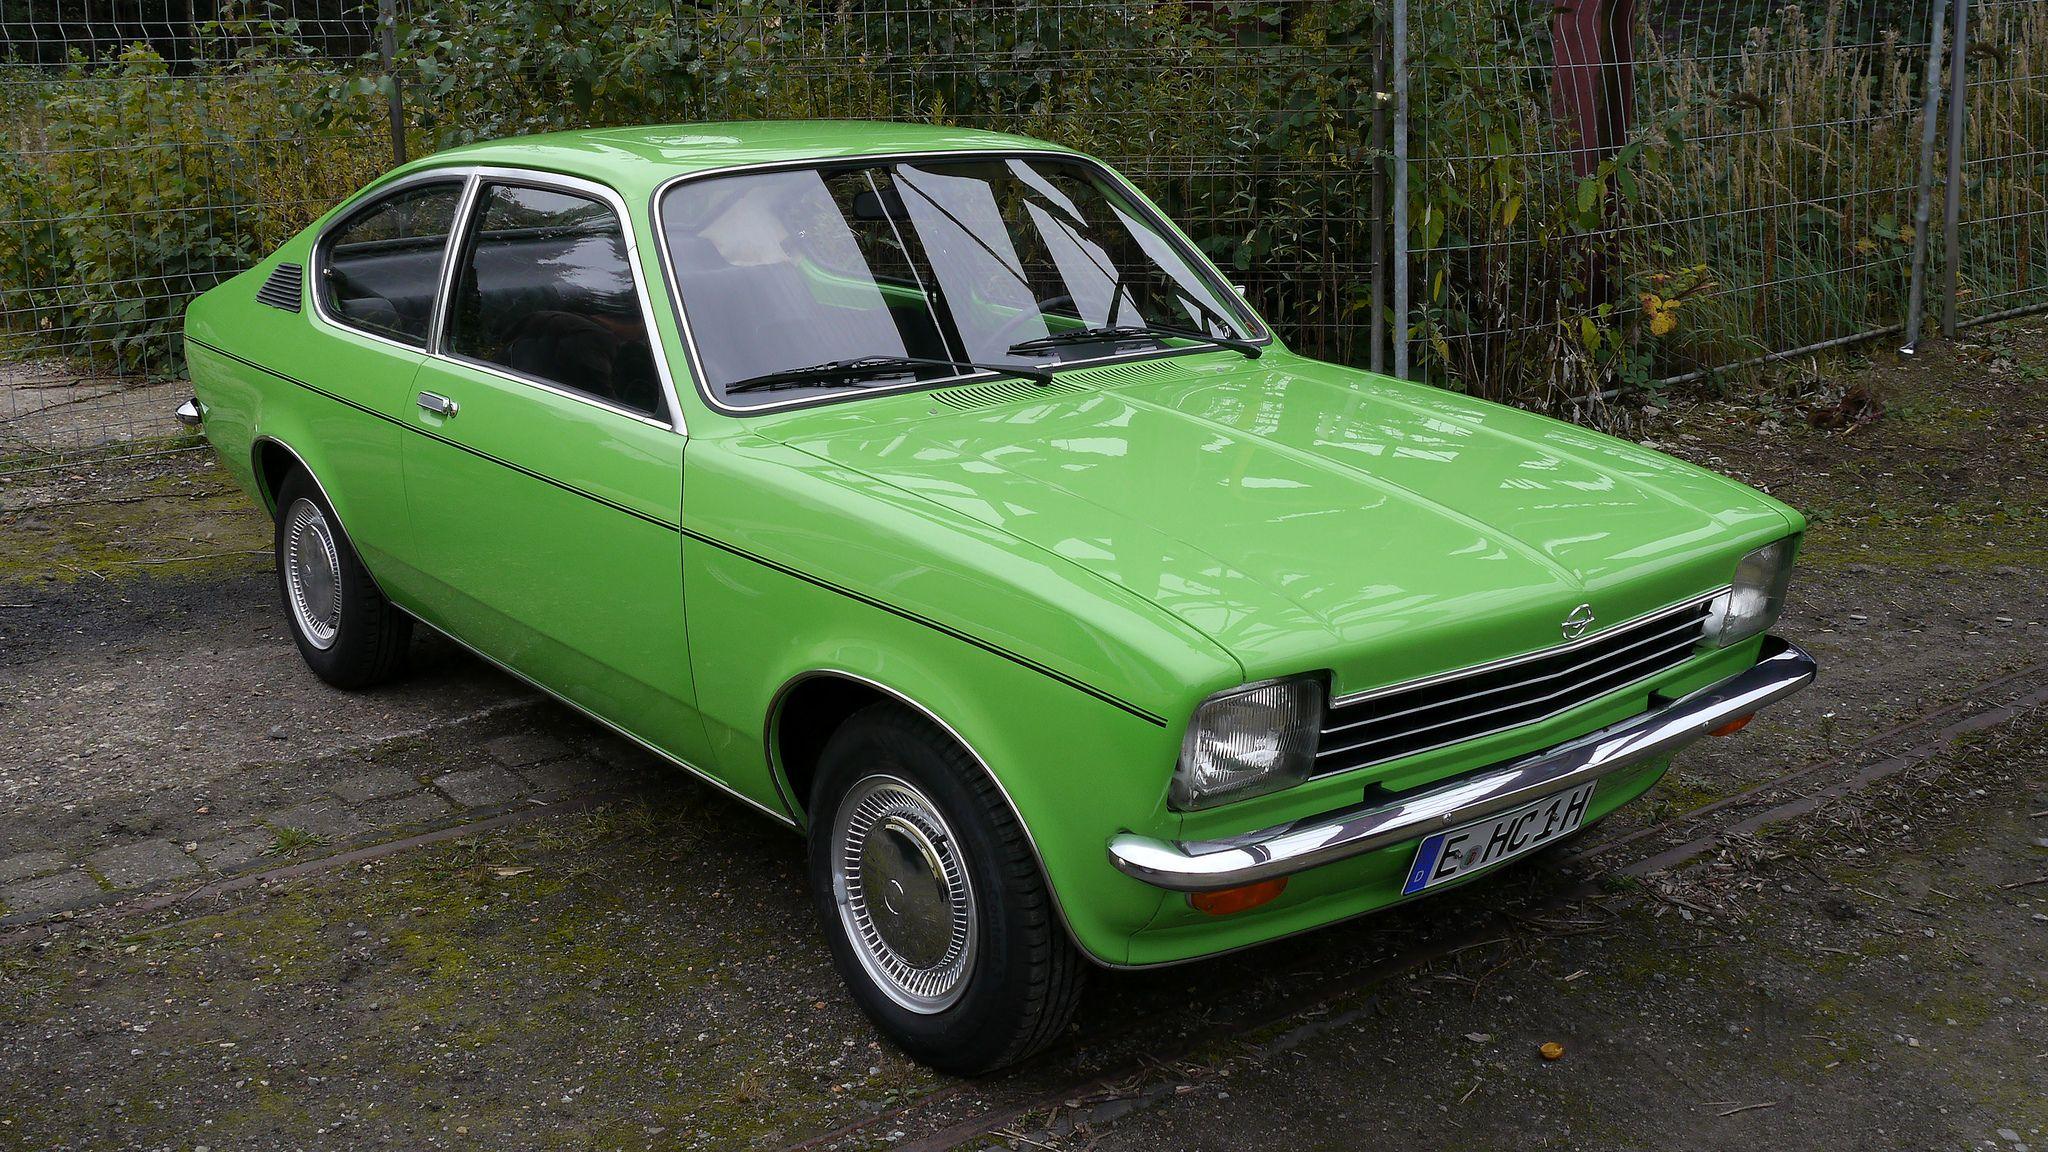 Opel Kadett C Coupe 1200 S Luxus 1973 77 Opel Kadett C Kadett